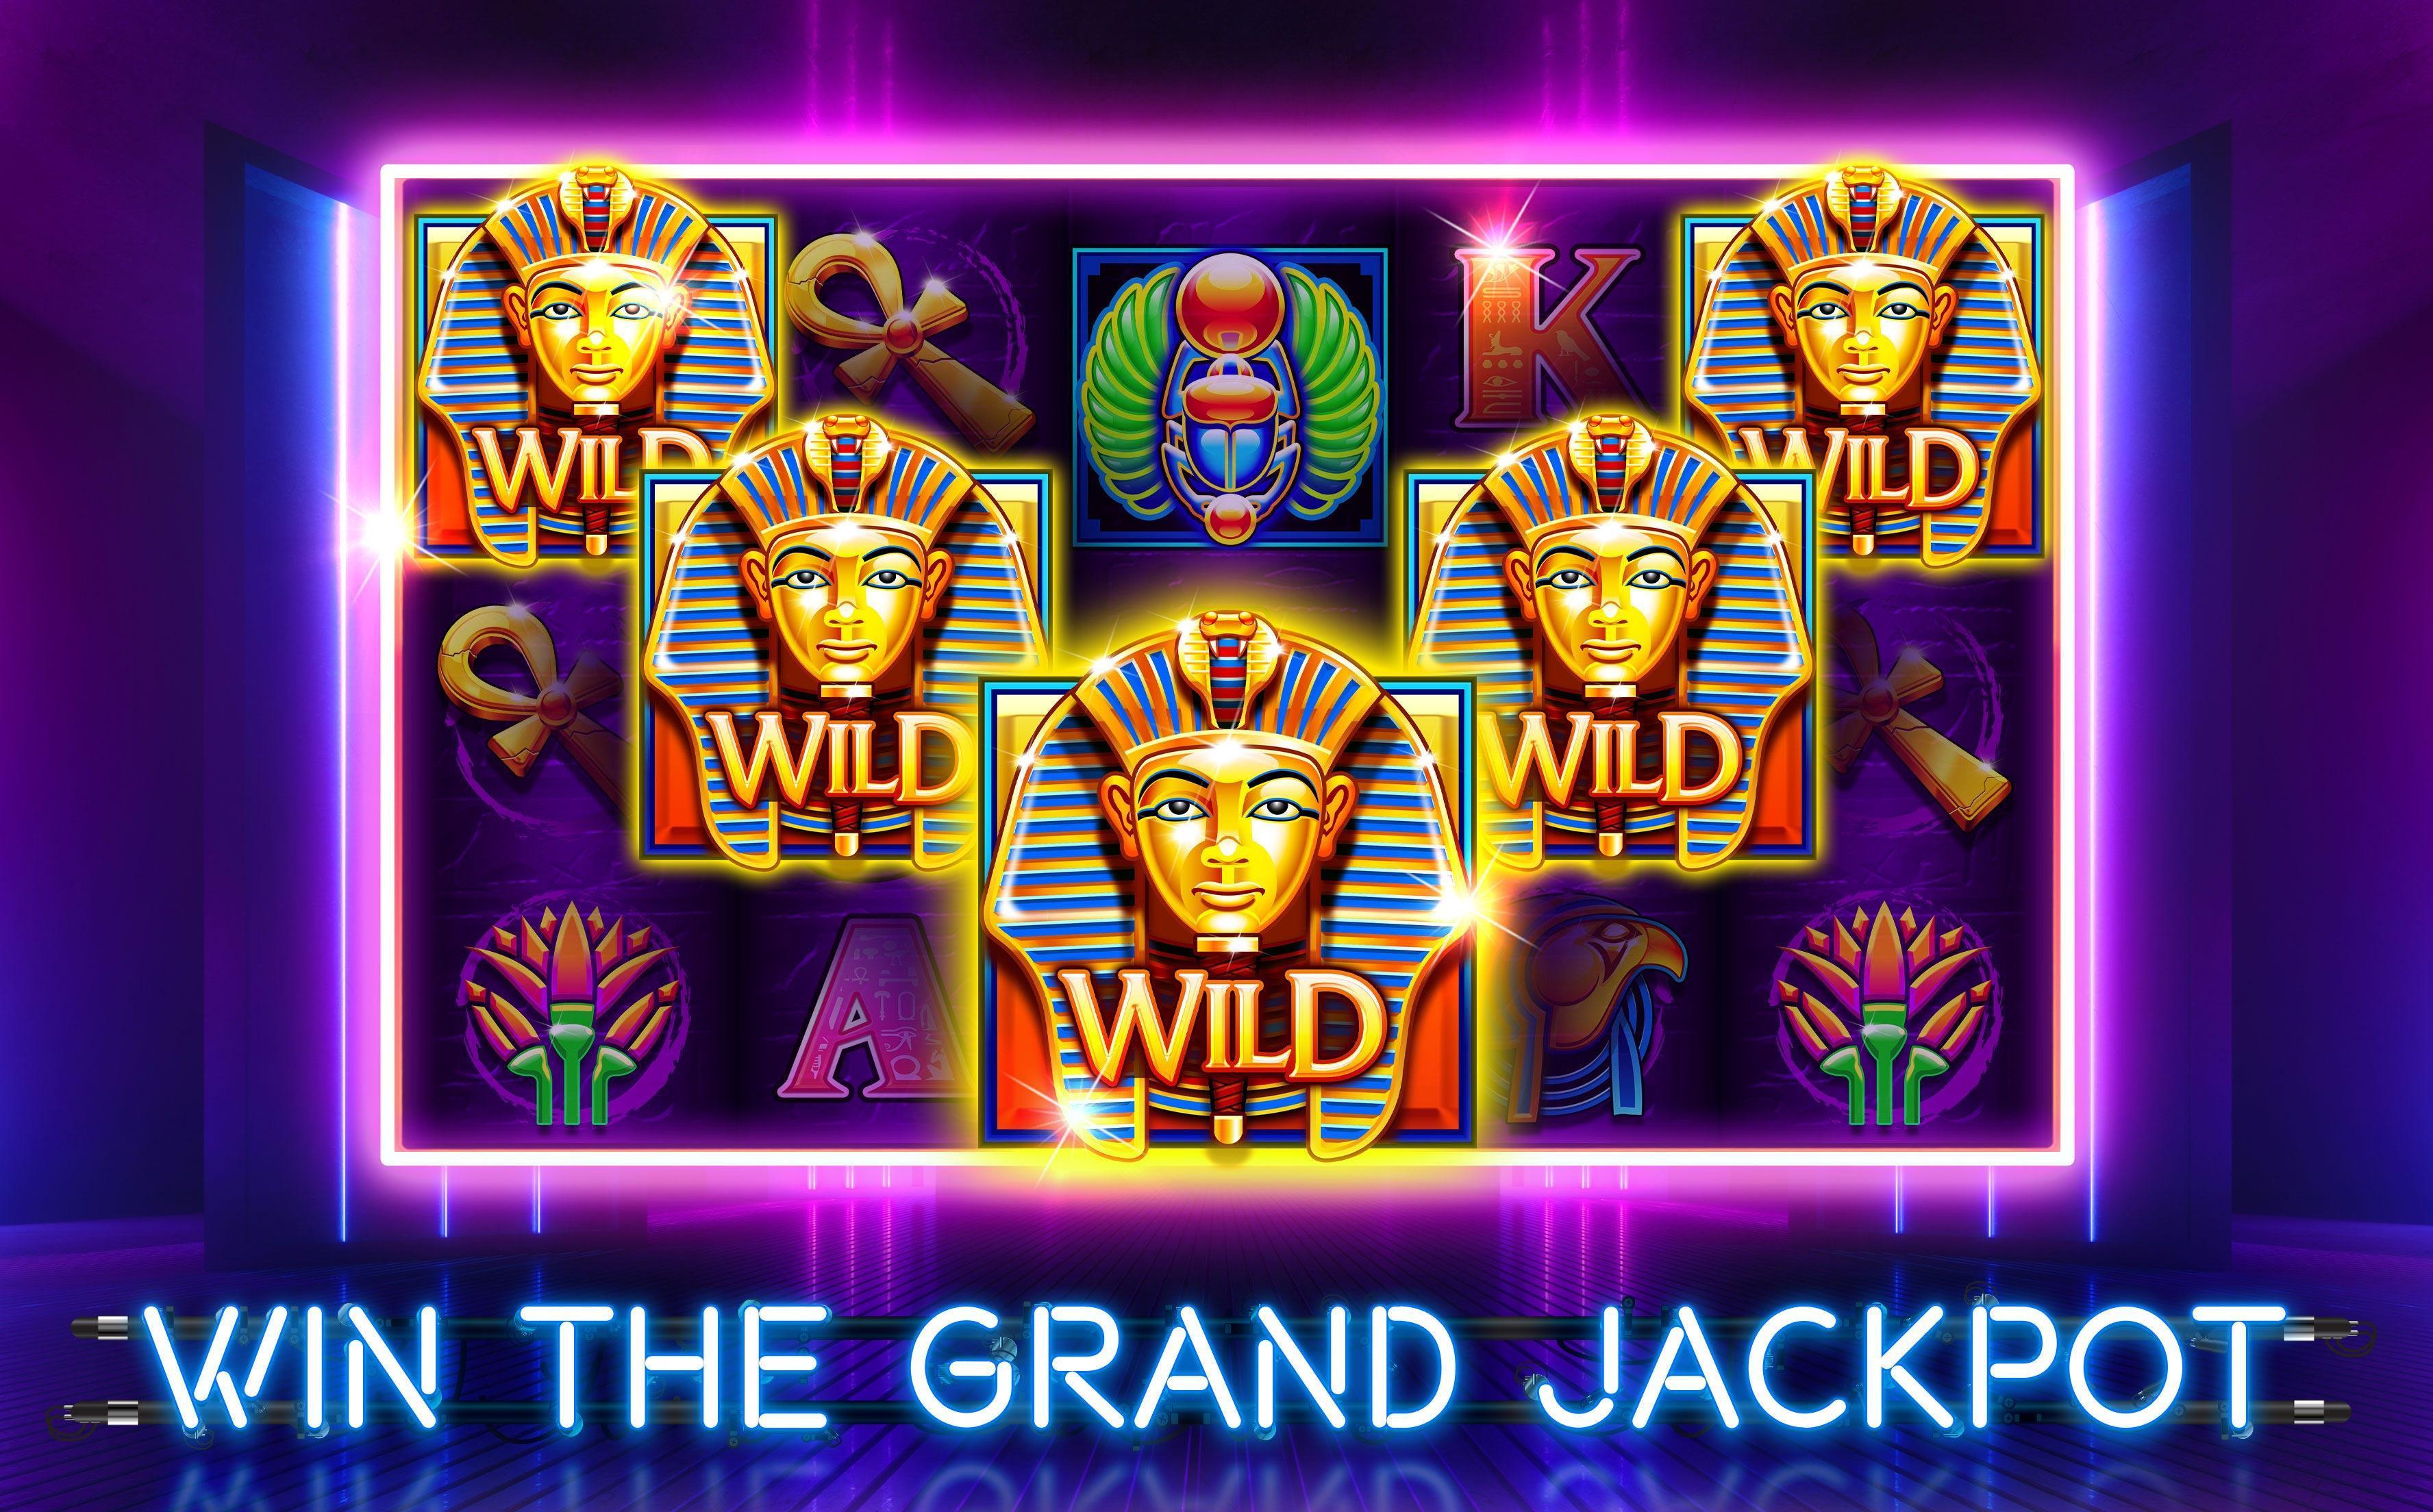 Игра казино бесплатно онлайн как играть в 1000 на картах на 2 человека